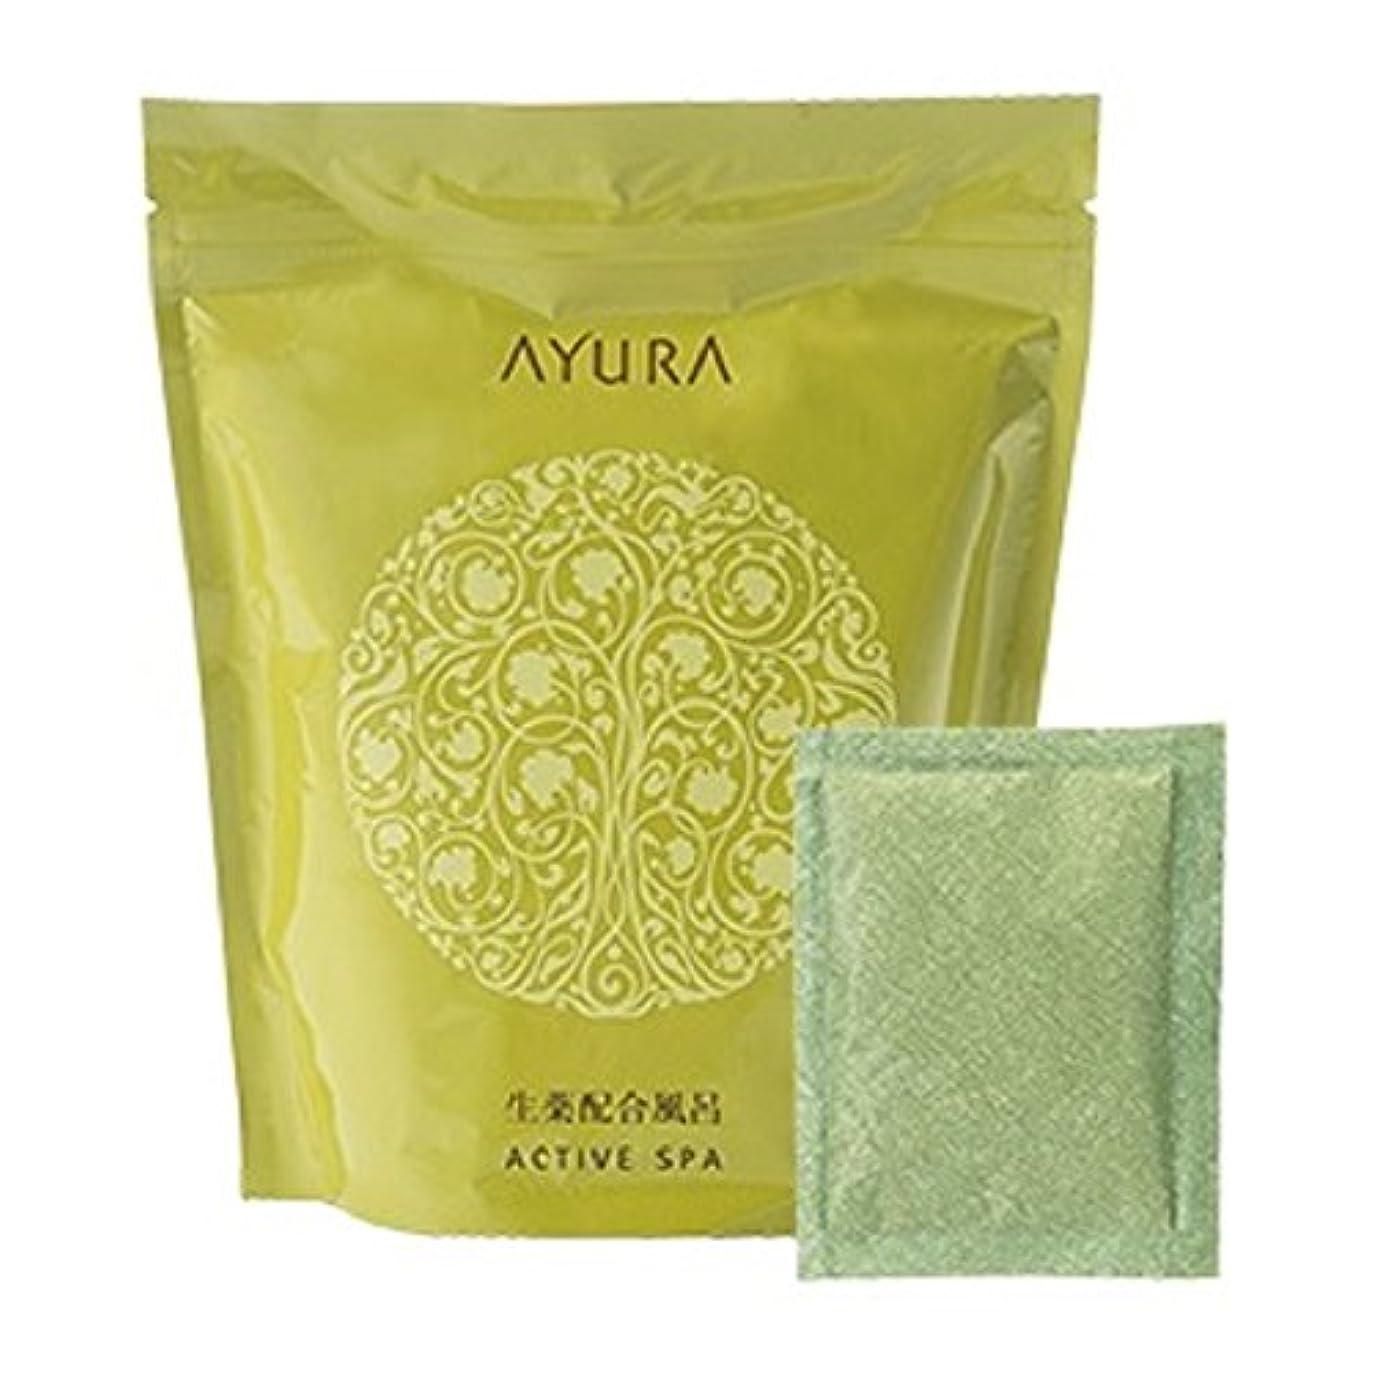 現実的レジデンスとげアユーラ (AYURA) アクティブスパα 30g 10包入 (医薬部外品) 〈薬用 入浴剤〉